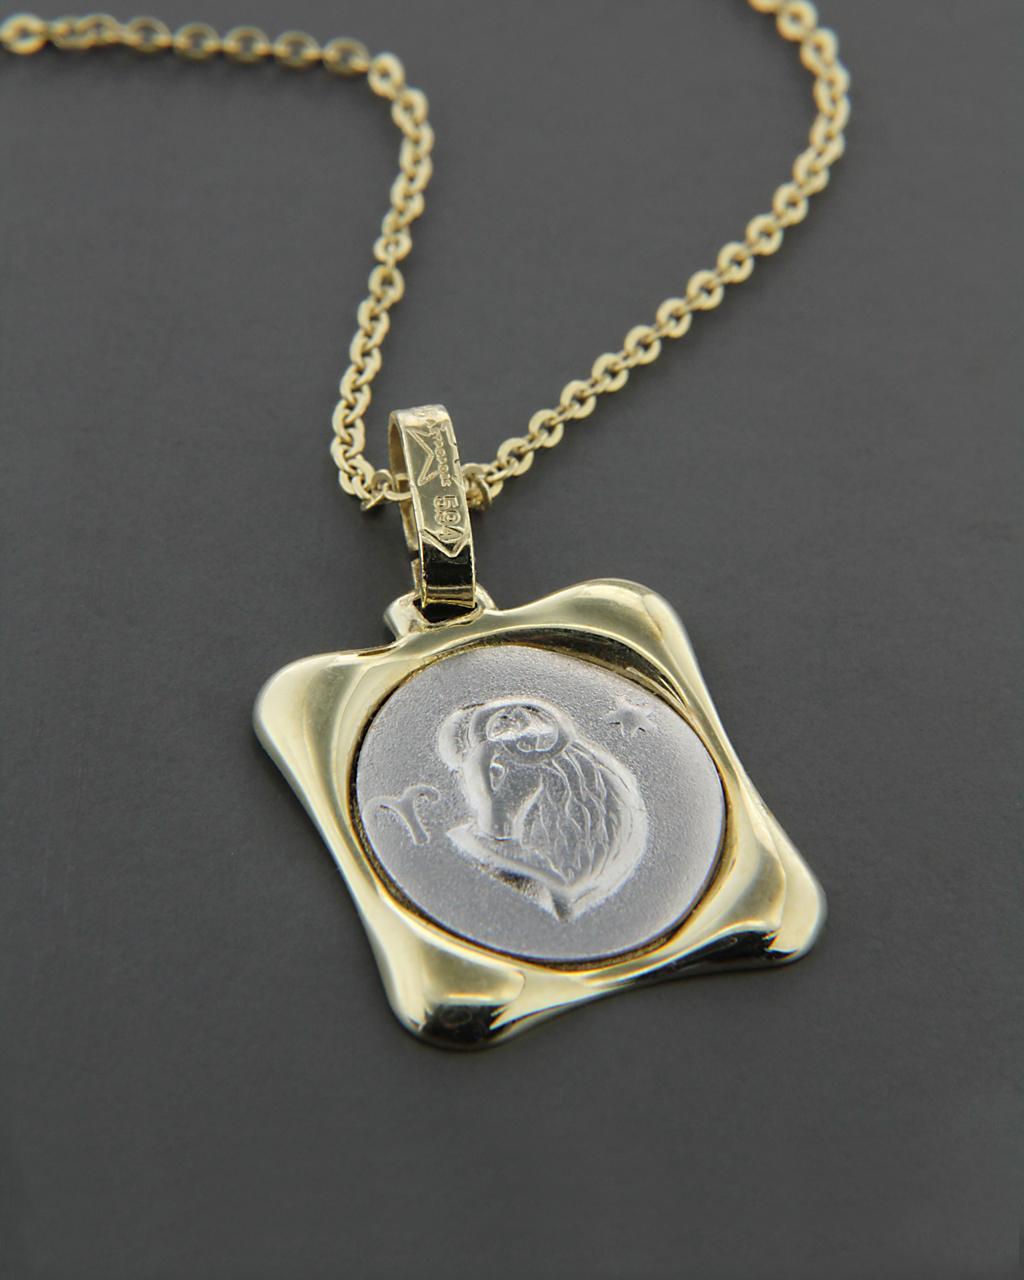 Κρεμαστό με ζώδιο (Κριός) χρυσό & λευκόχρυσο Κ14   κοσμηματα κρεμαστά κολιέ κρεμαστά κολιέ ζώδια